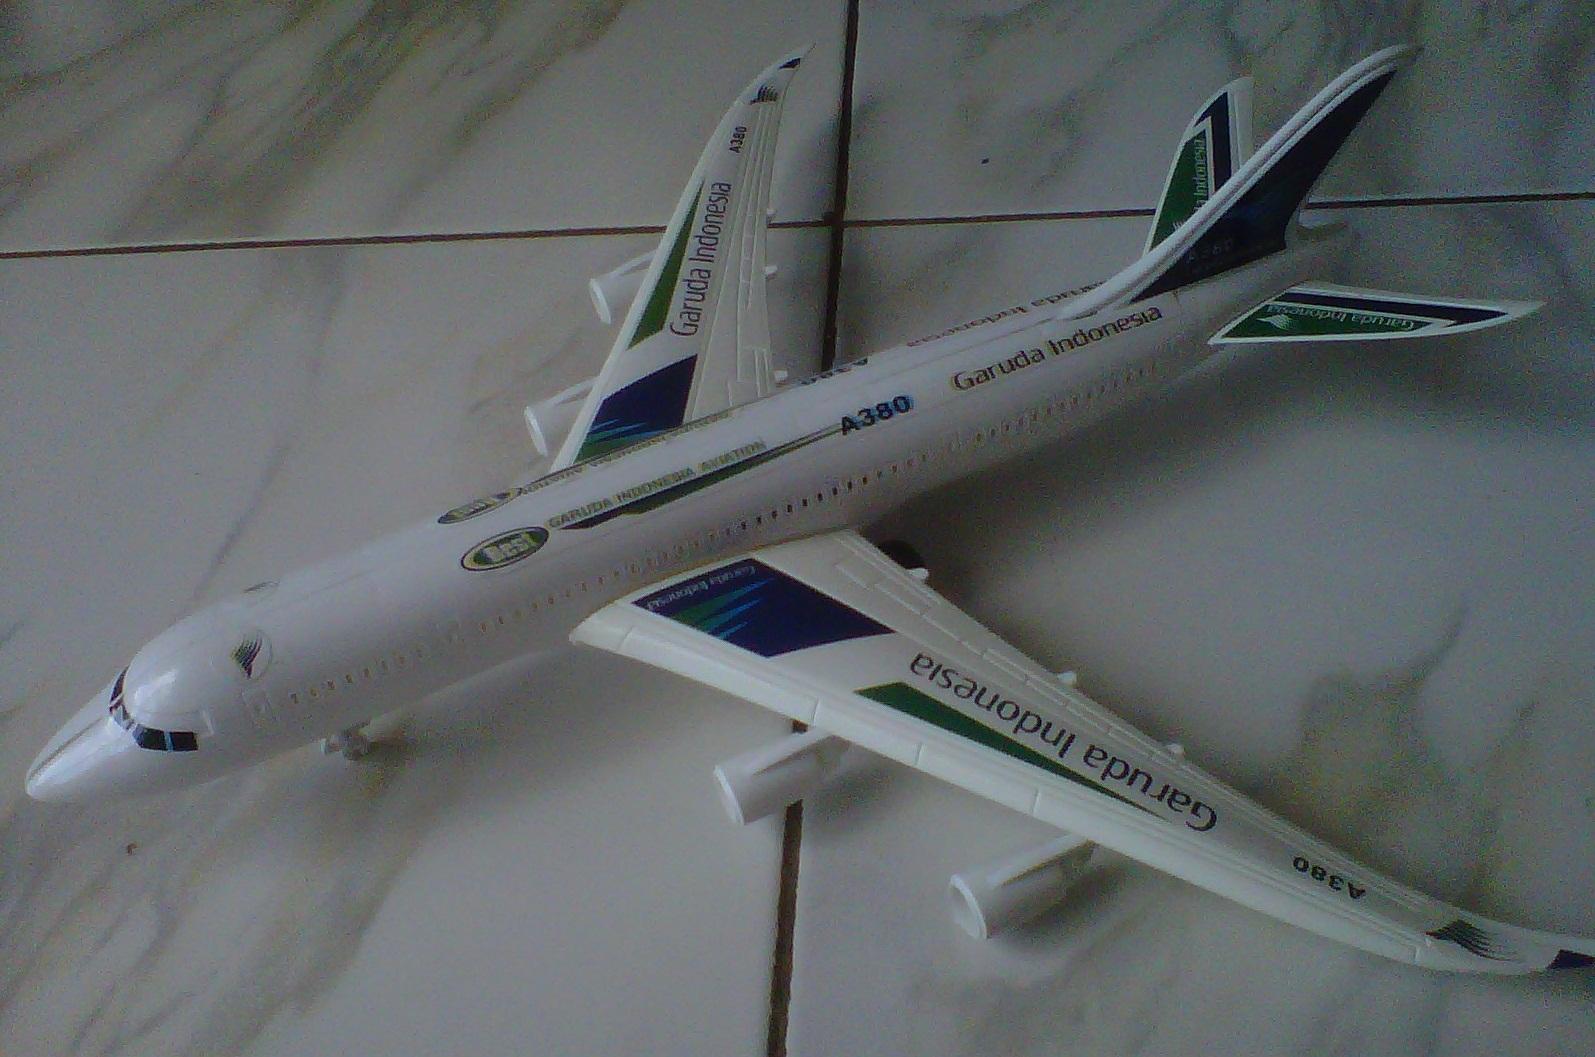 Kenz Mainan Koleksi Anak Miniatur Pesawat Air Asia Daftar Harga Source · Jual Miniatur Pesawat